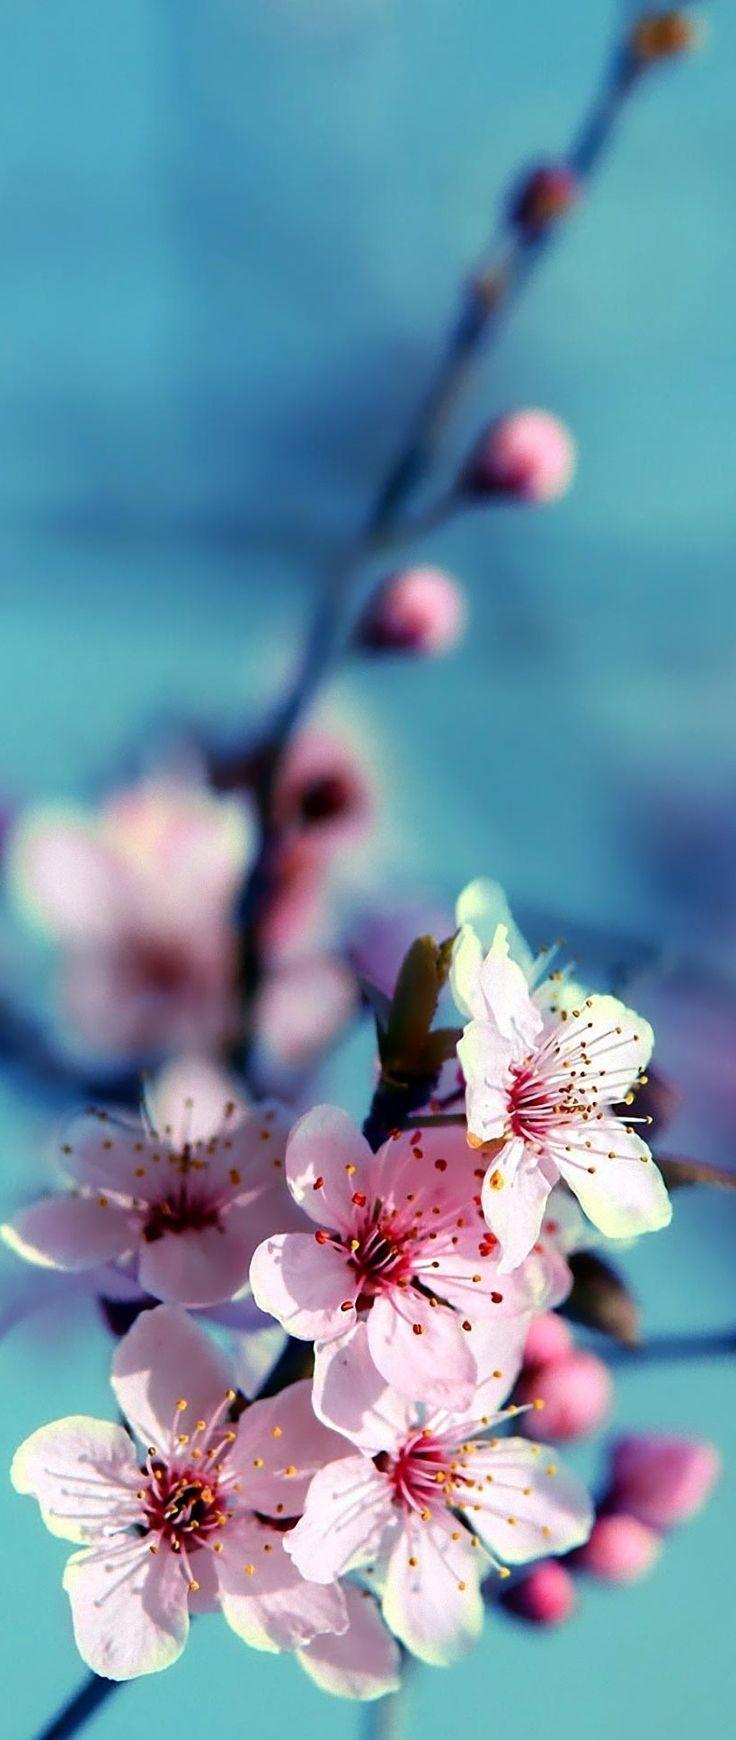 #Macon GA hat die größte Sammlung japanischer Kirschblüten. Besuchen Sie das Kirschblütenfest 2015. www.GHToursInc.com/Macon – #Blossom #Ch …